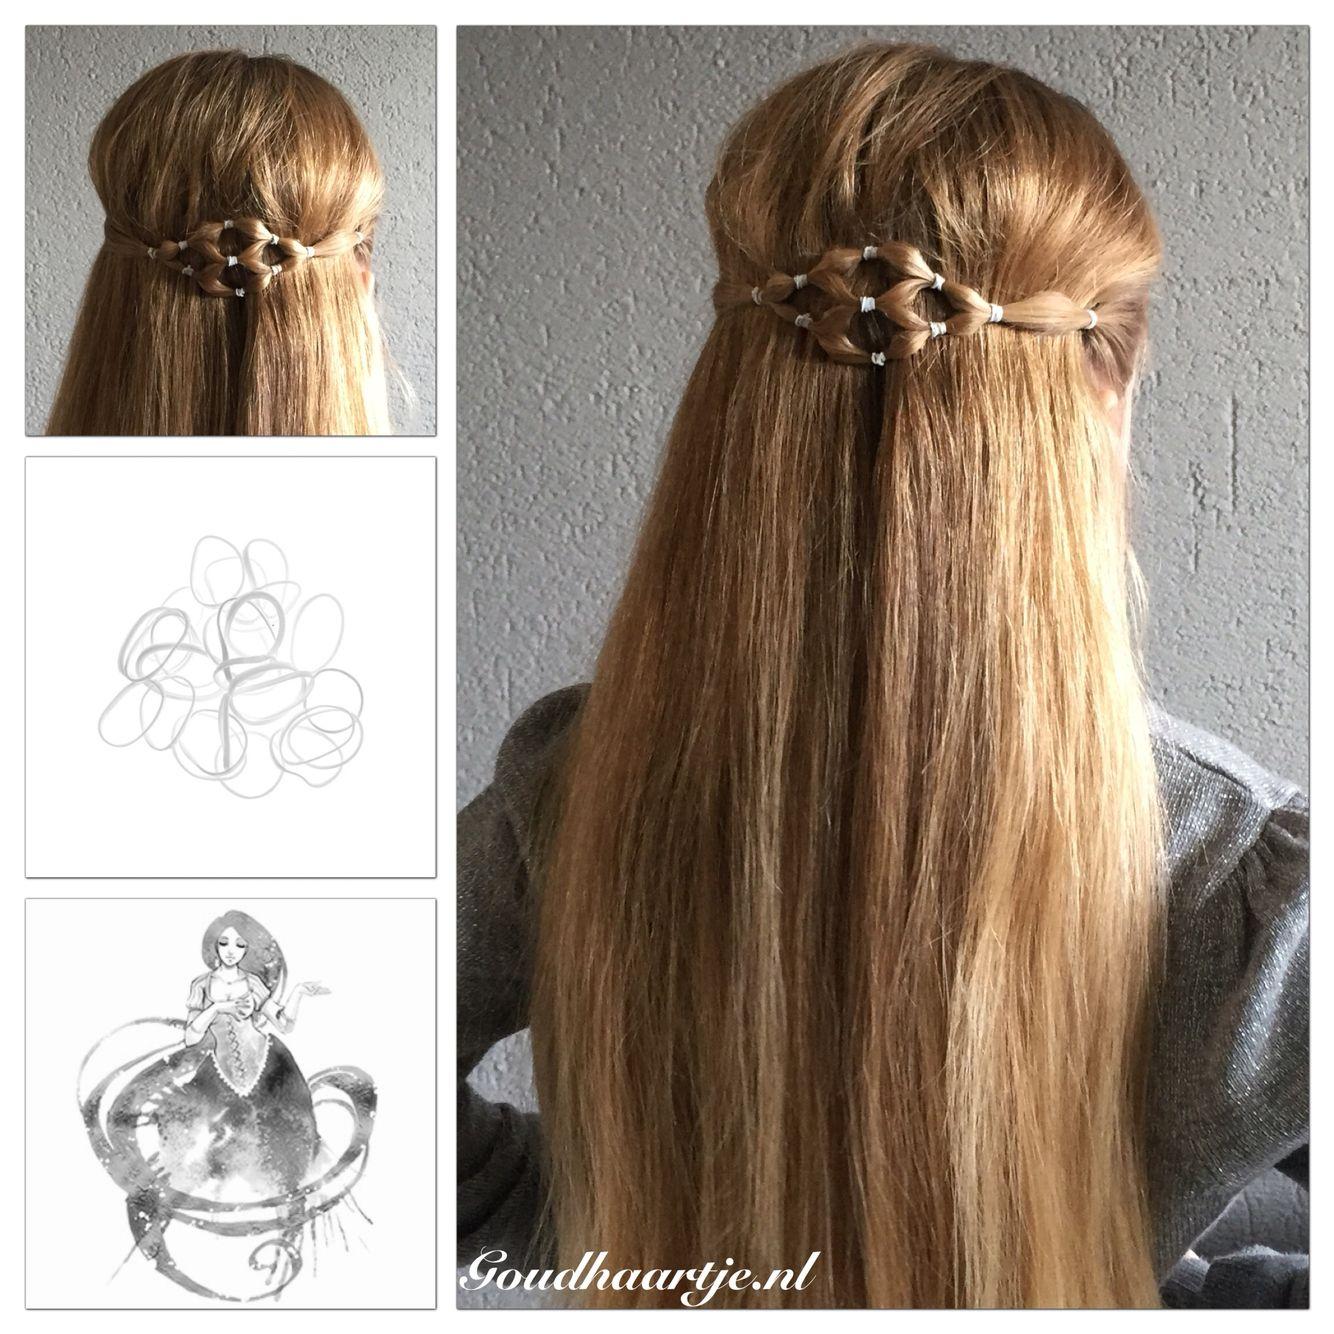 Haare Mode Schonheit Kinderfrisuren Dreadlock Frisuren Mode Schonheit